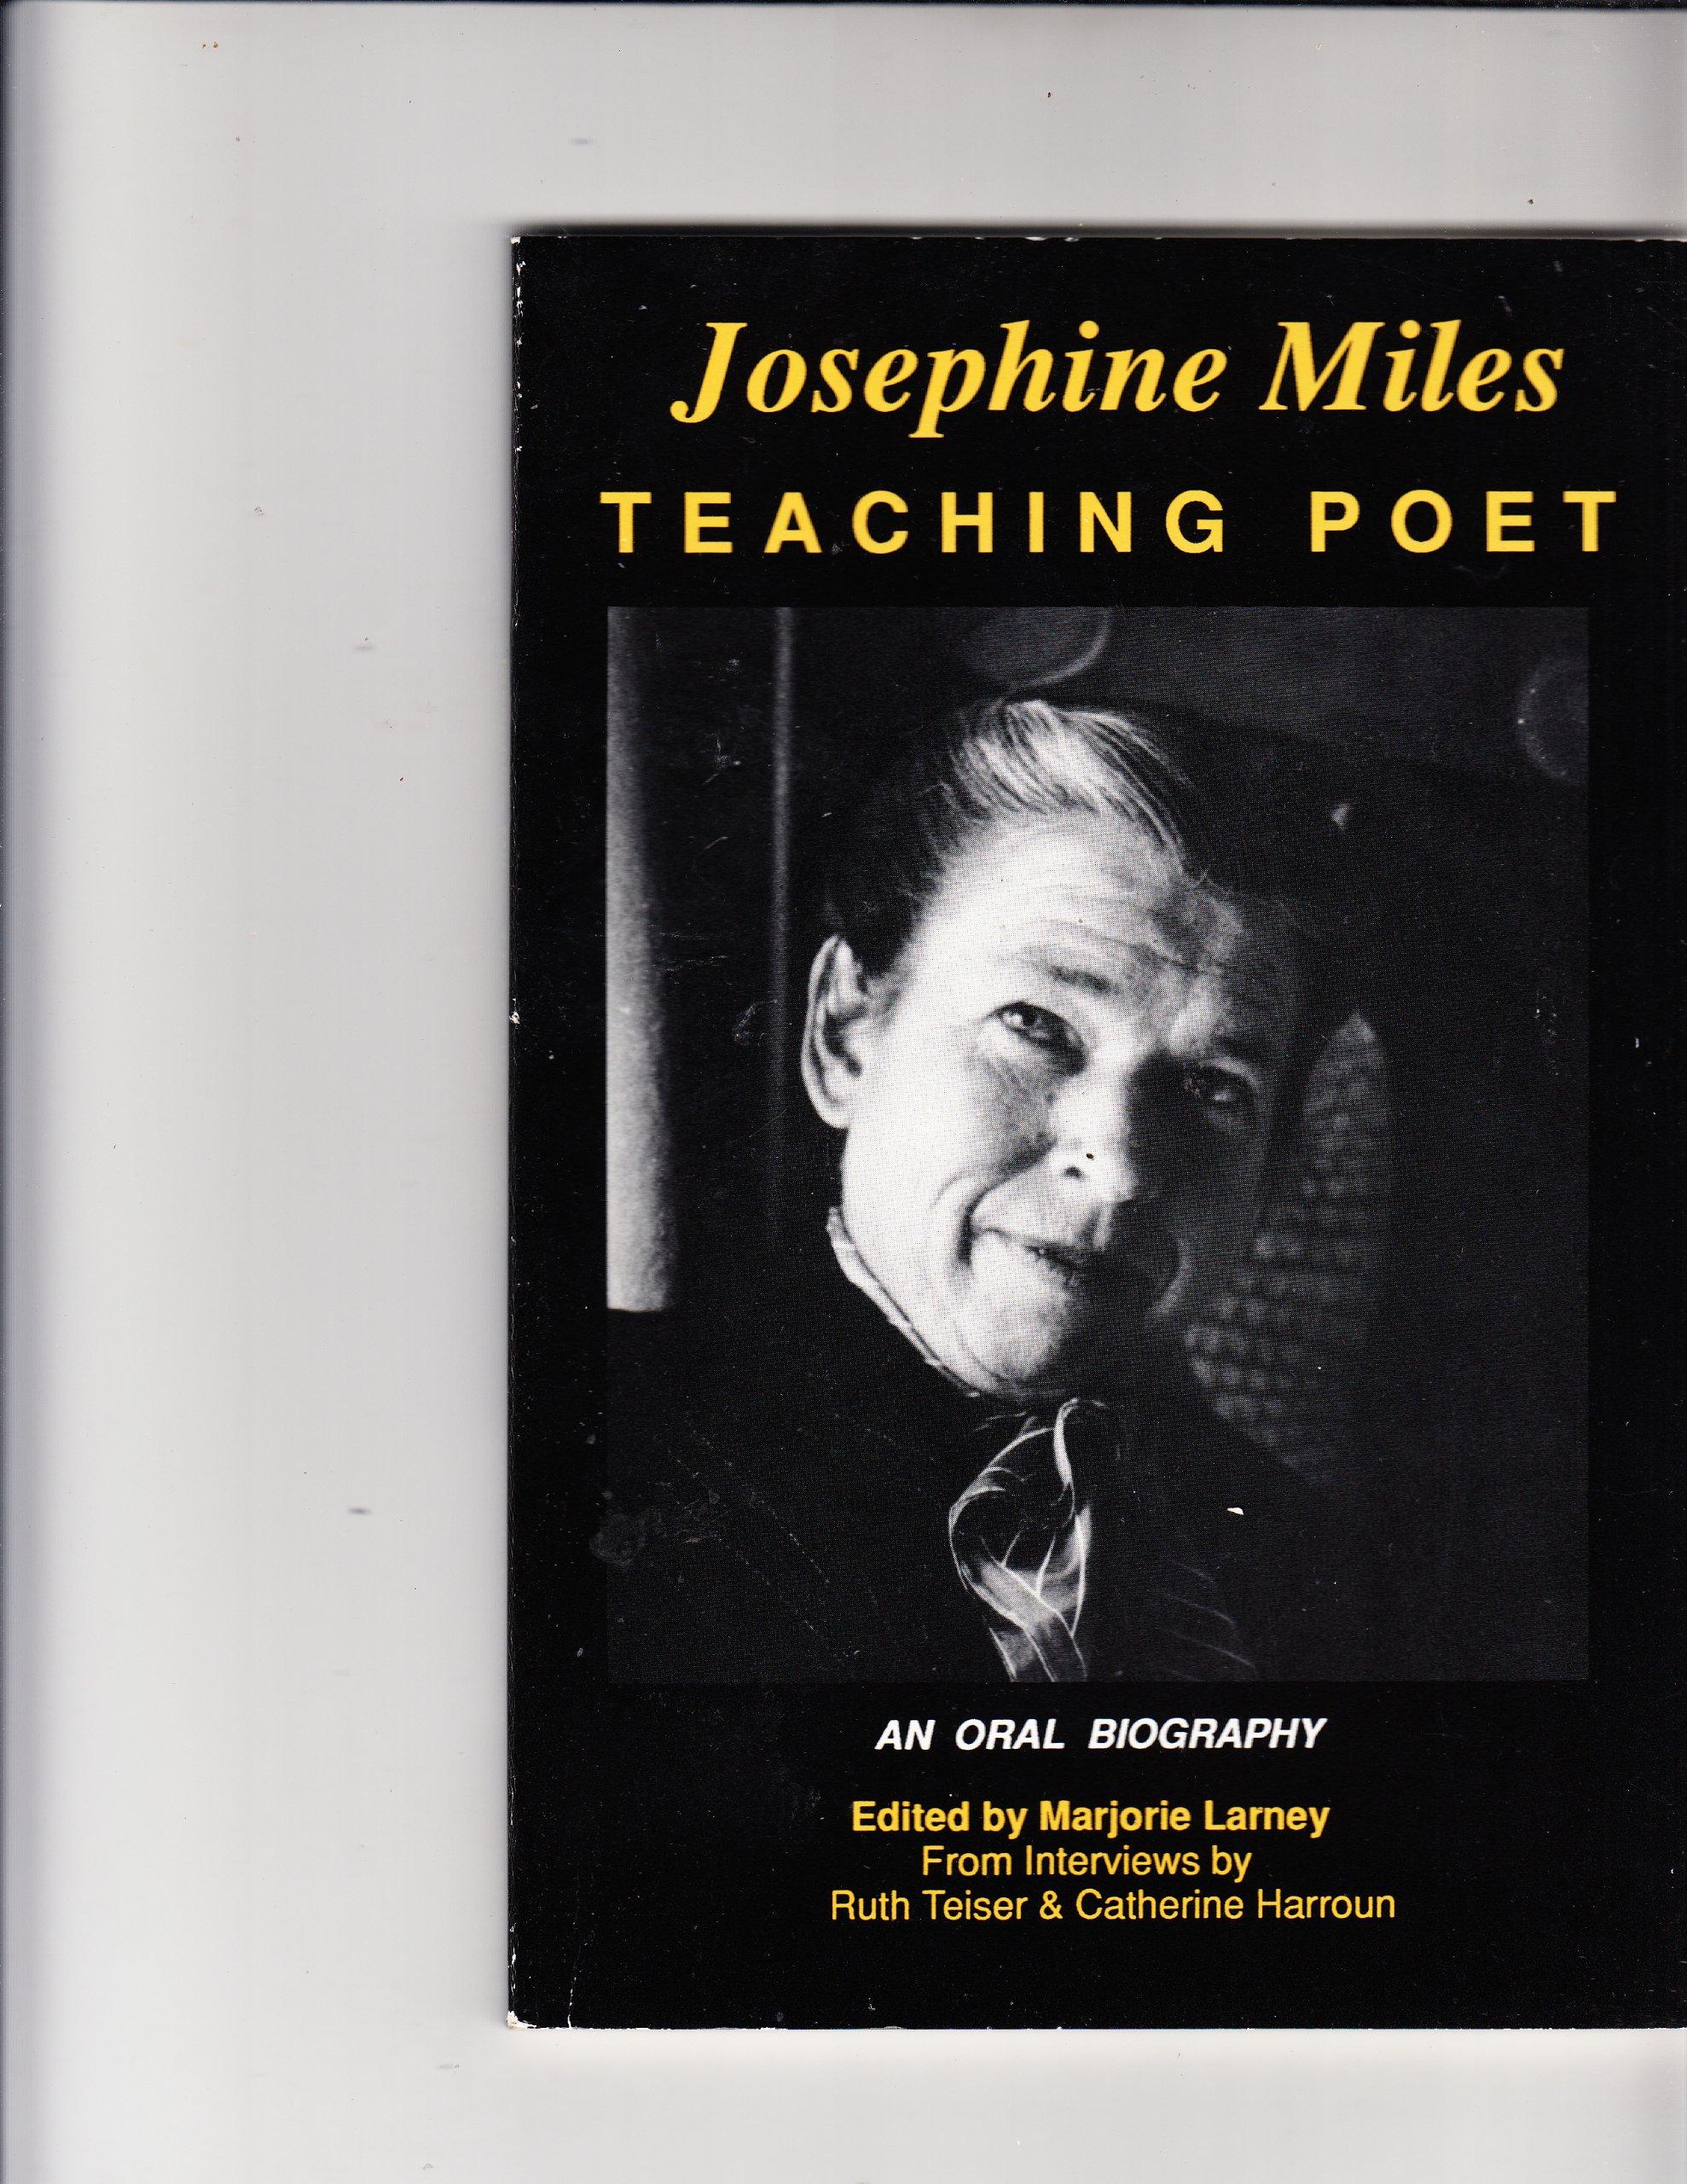 Josephine Miles poet